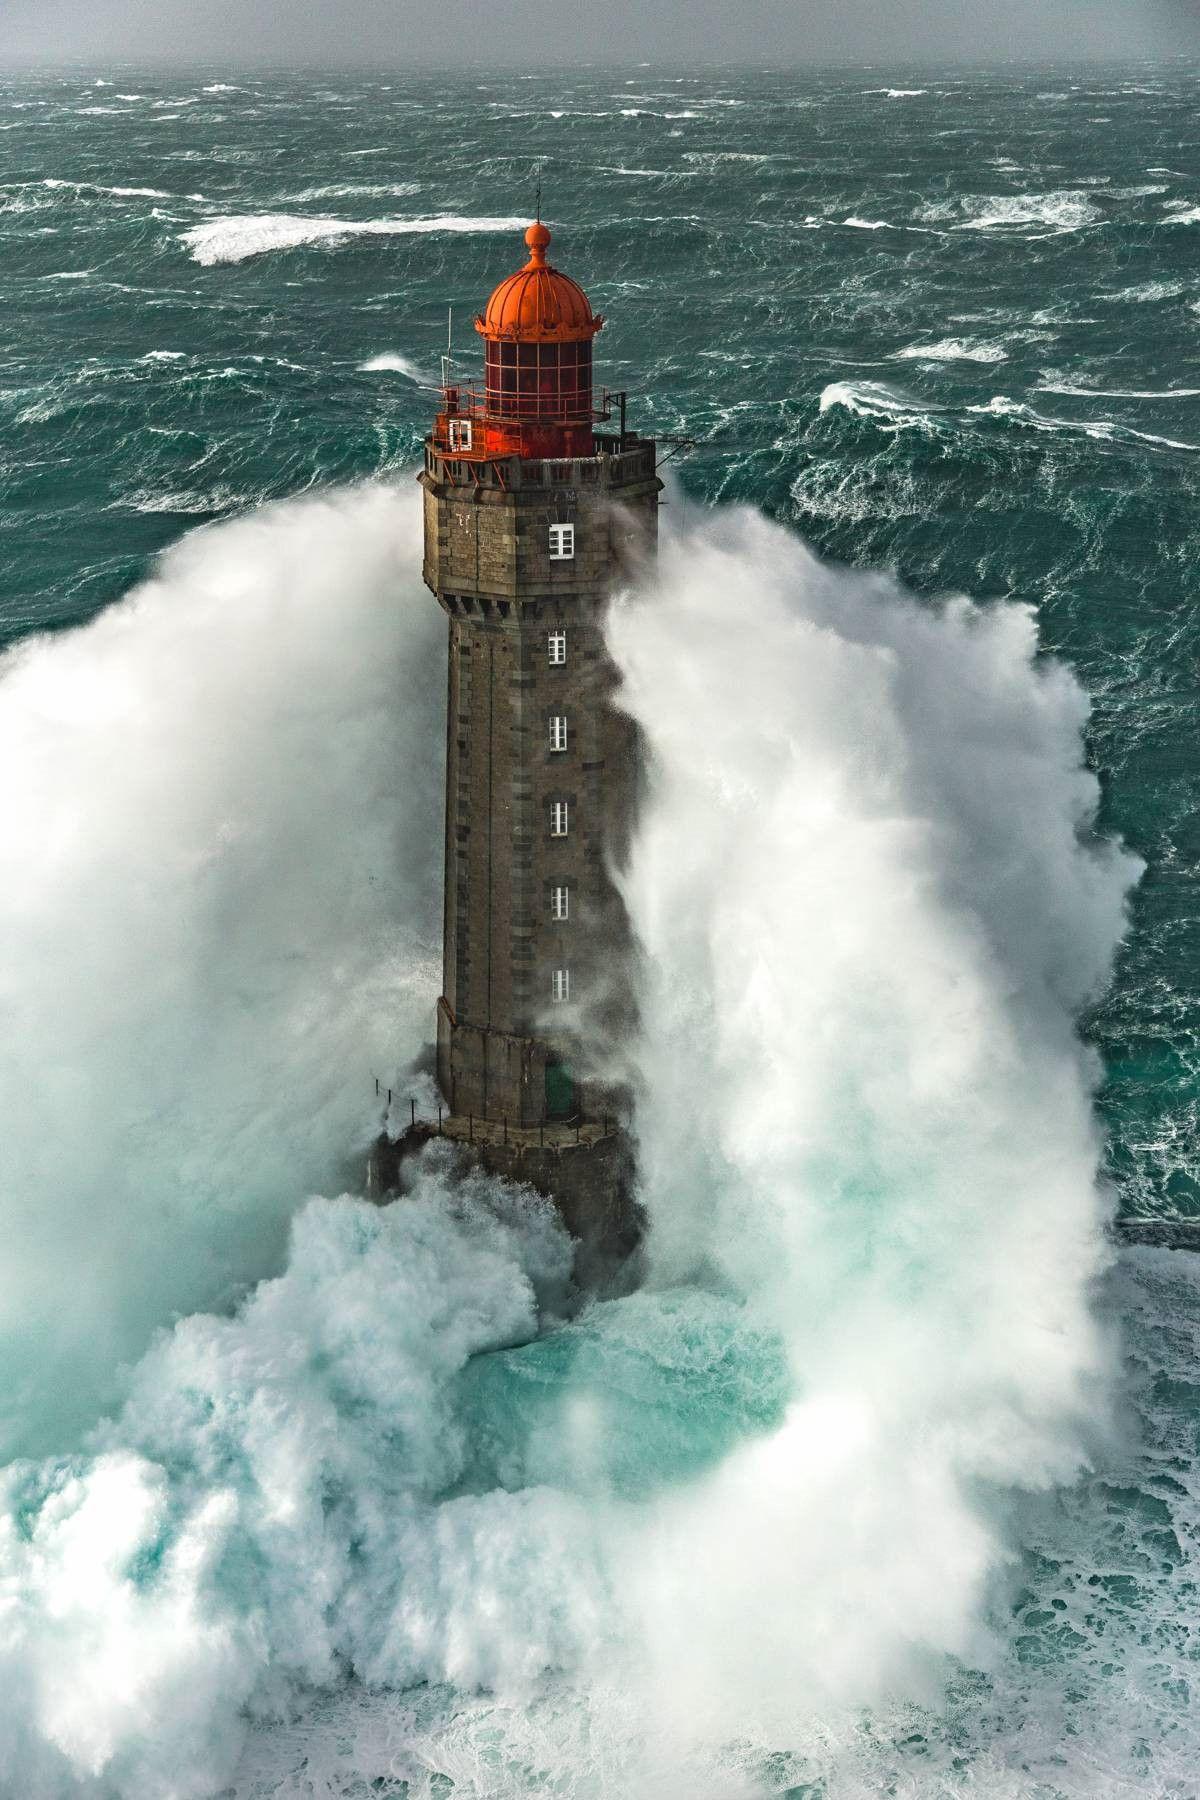 Ngọn hải đăng nổi tiếng nhờ bức ảnh khiến người xem lạnh gáy Ảnh 4